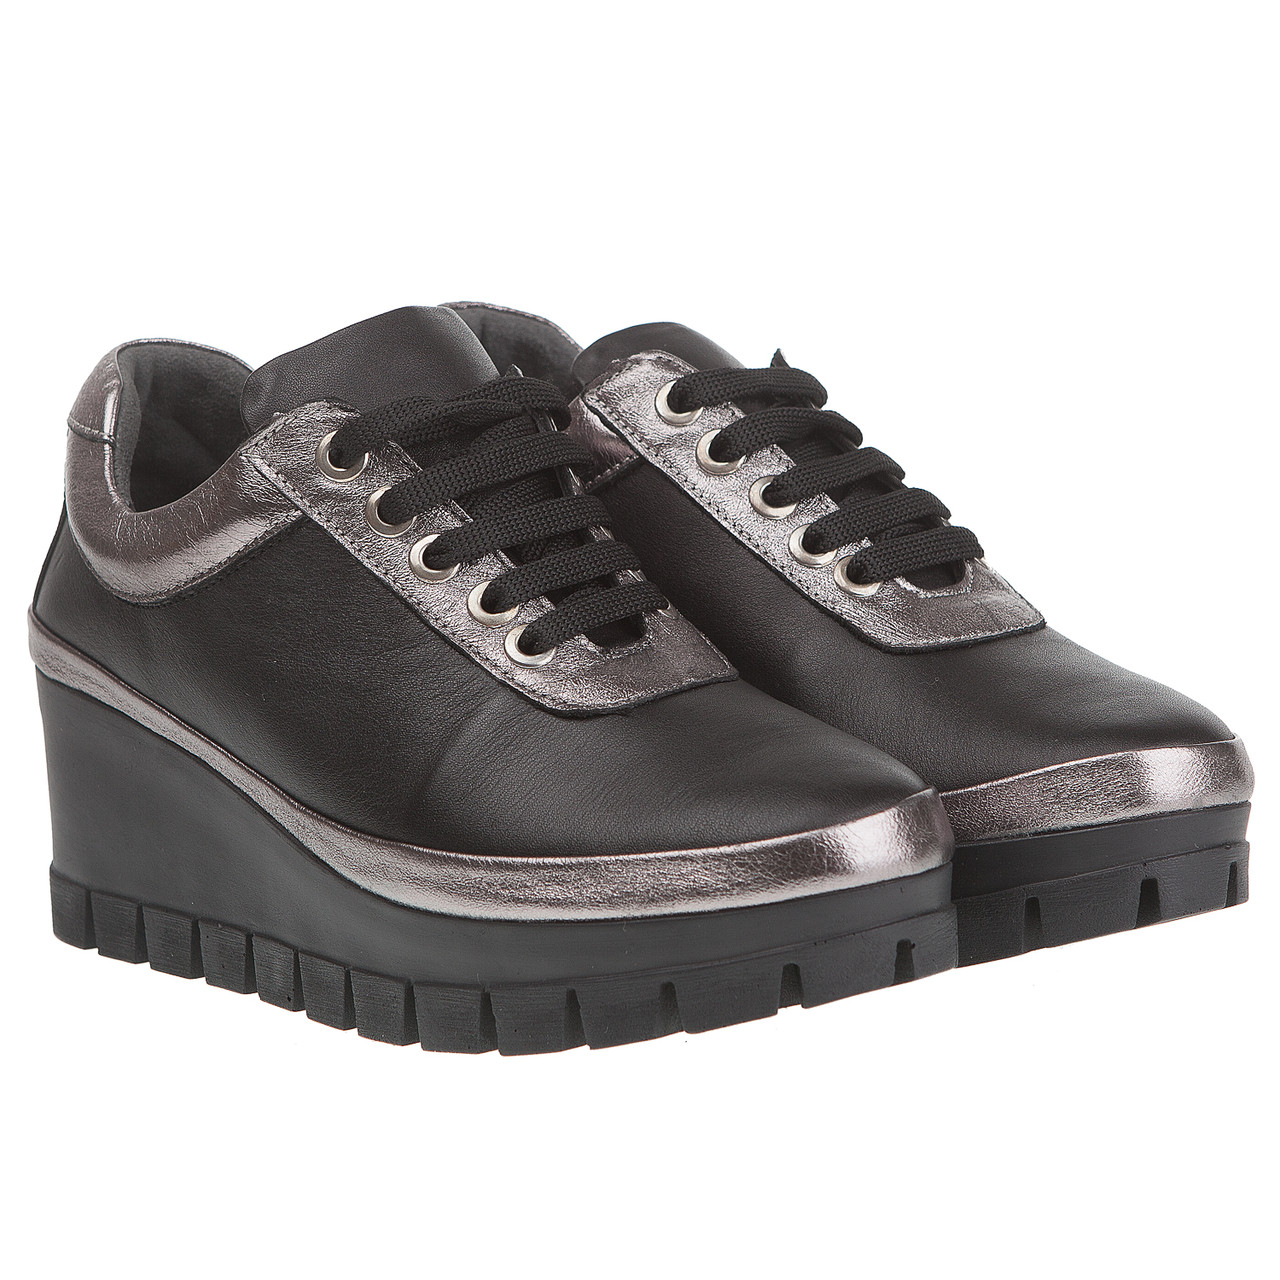 f43ae273f Женские туфли Euromoda (на удобной танкетке, стильное сочетание черного и  серебристого цвета, комфортные)